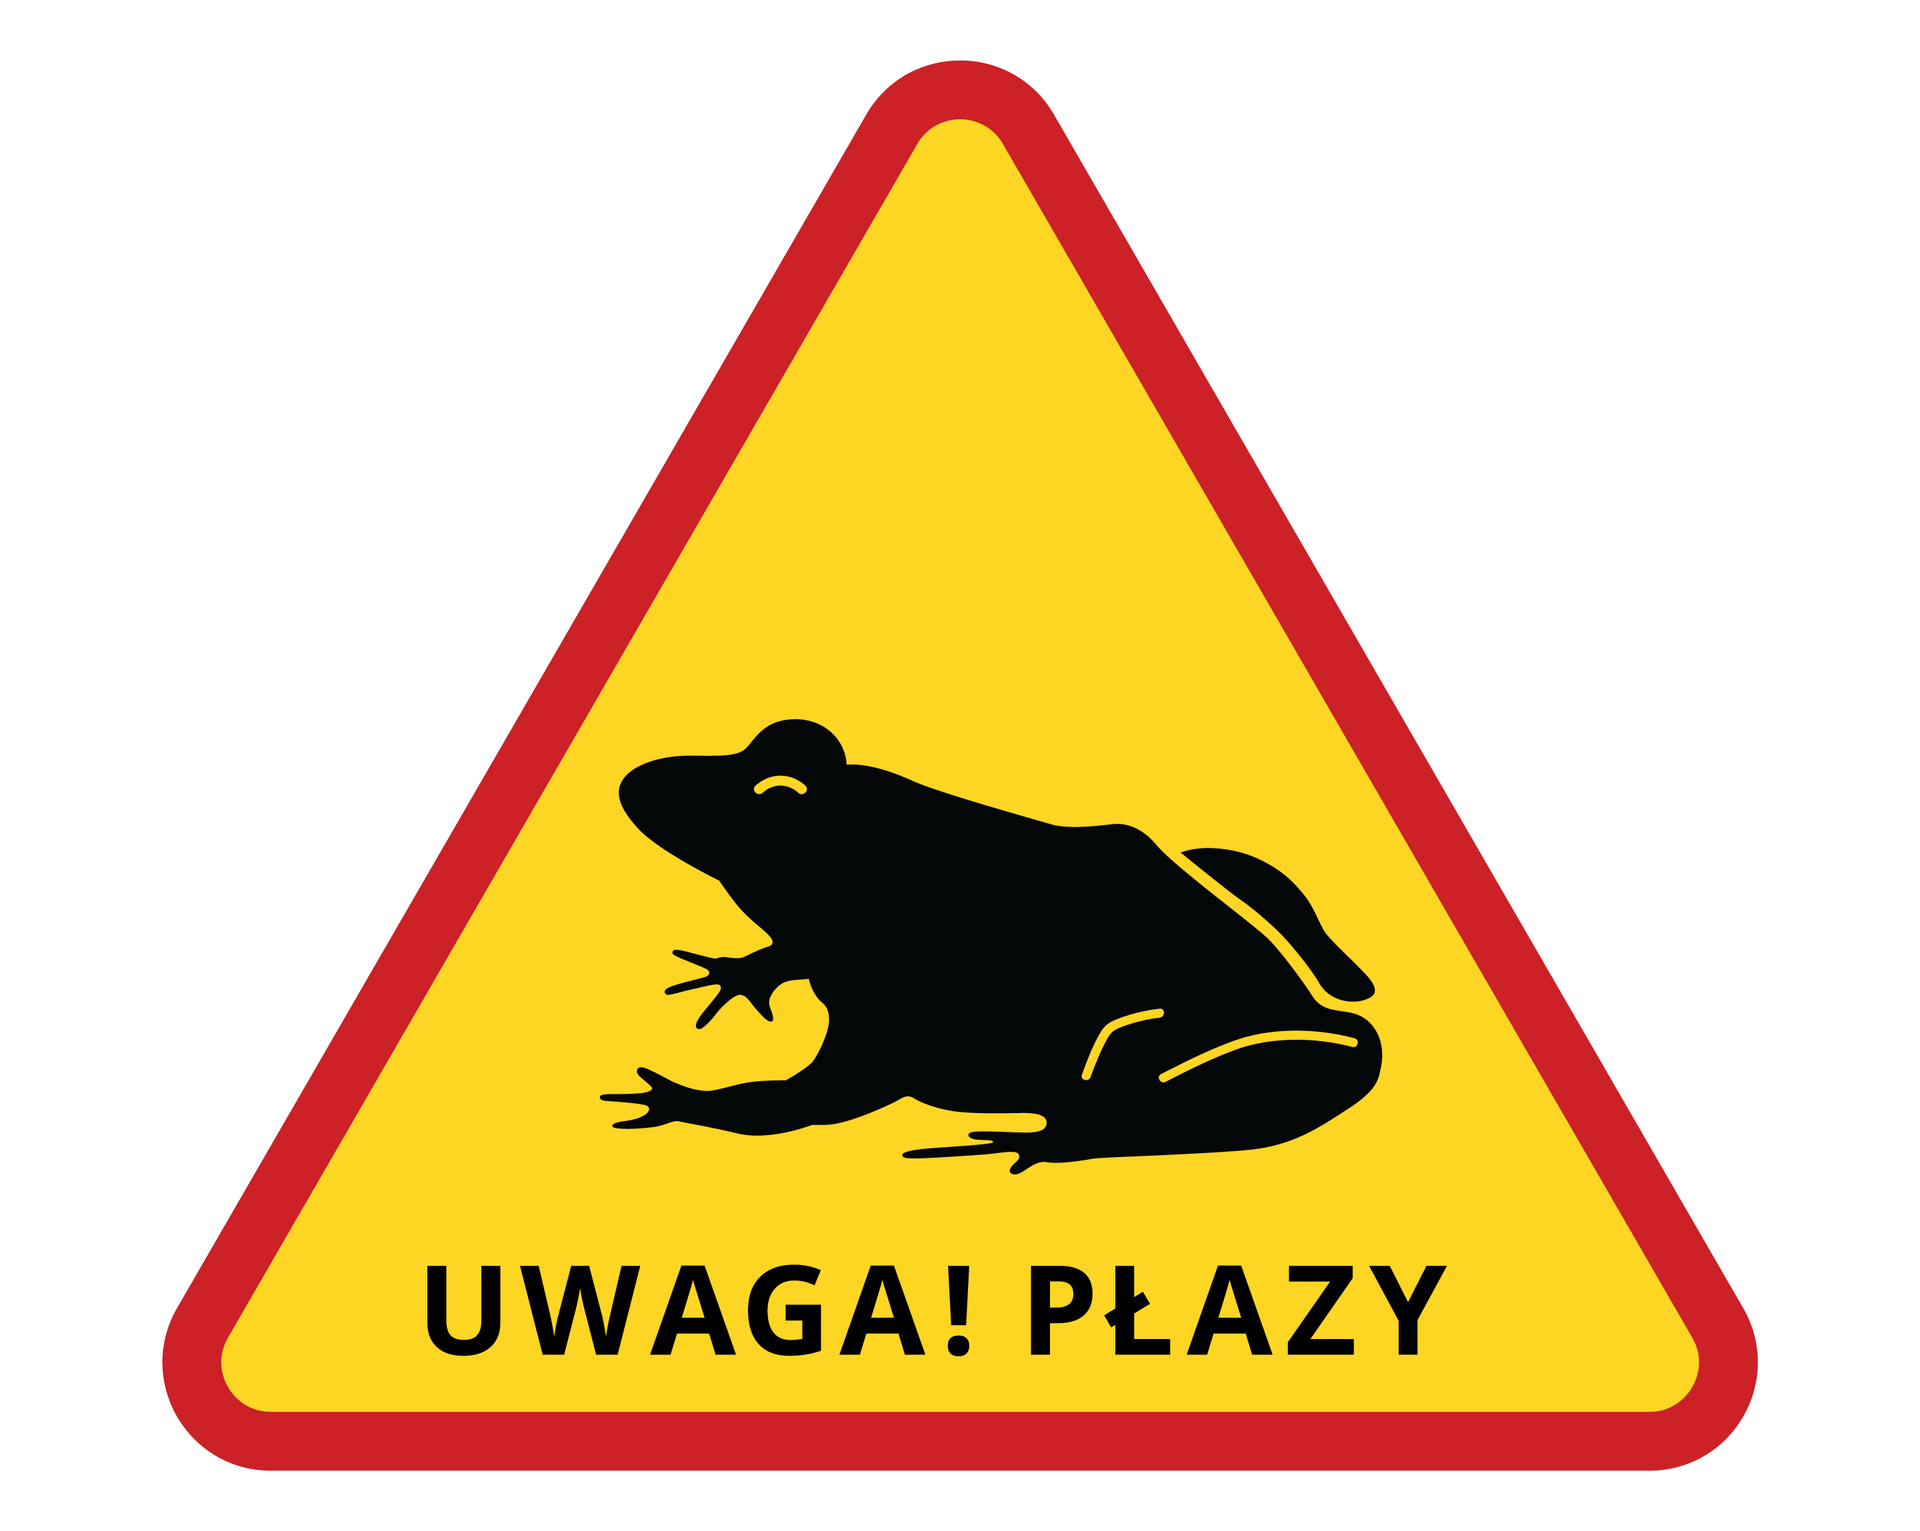 Ilustracja przedstawia trójkątny znak ostrzegawczy, żółty zczerwoną obwódką. Na znaku czarna sylwetka siedzącej żaby inapis: uwaga płazy! Takie znaki są ustawiane wmiejscach wędrówek płazów.